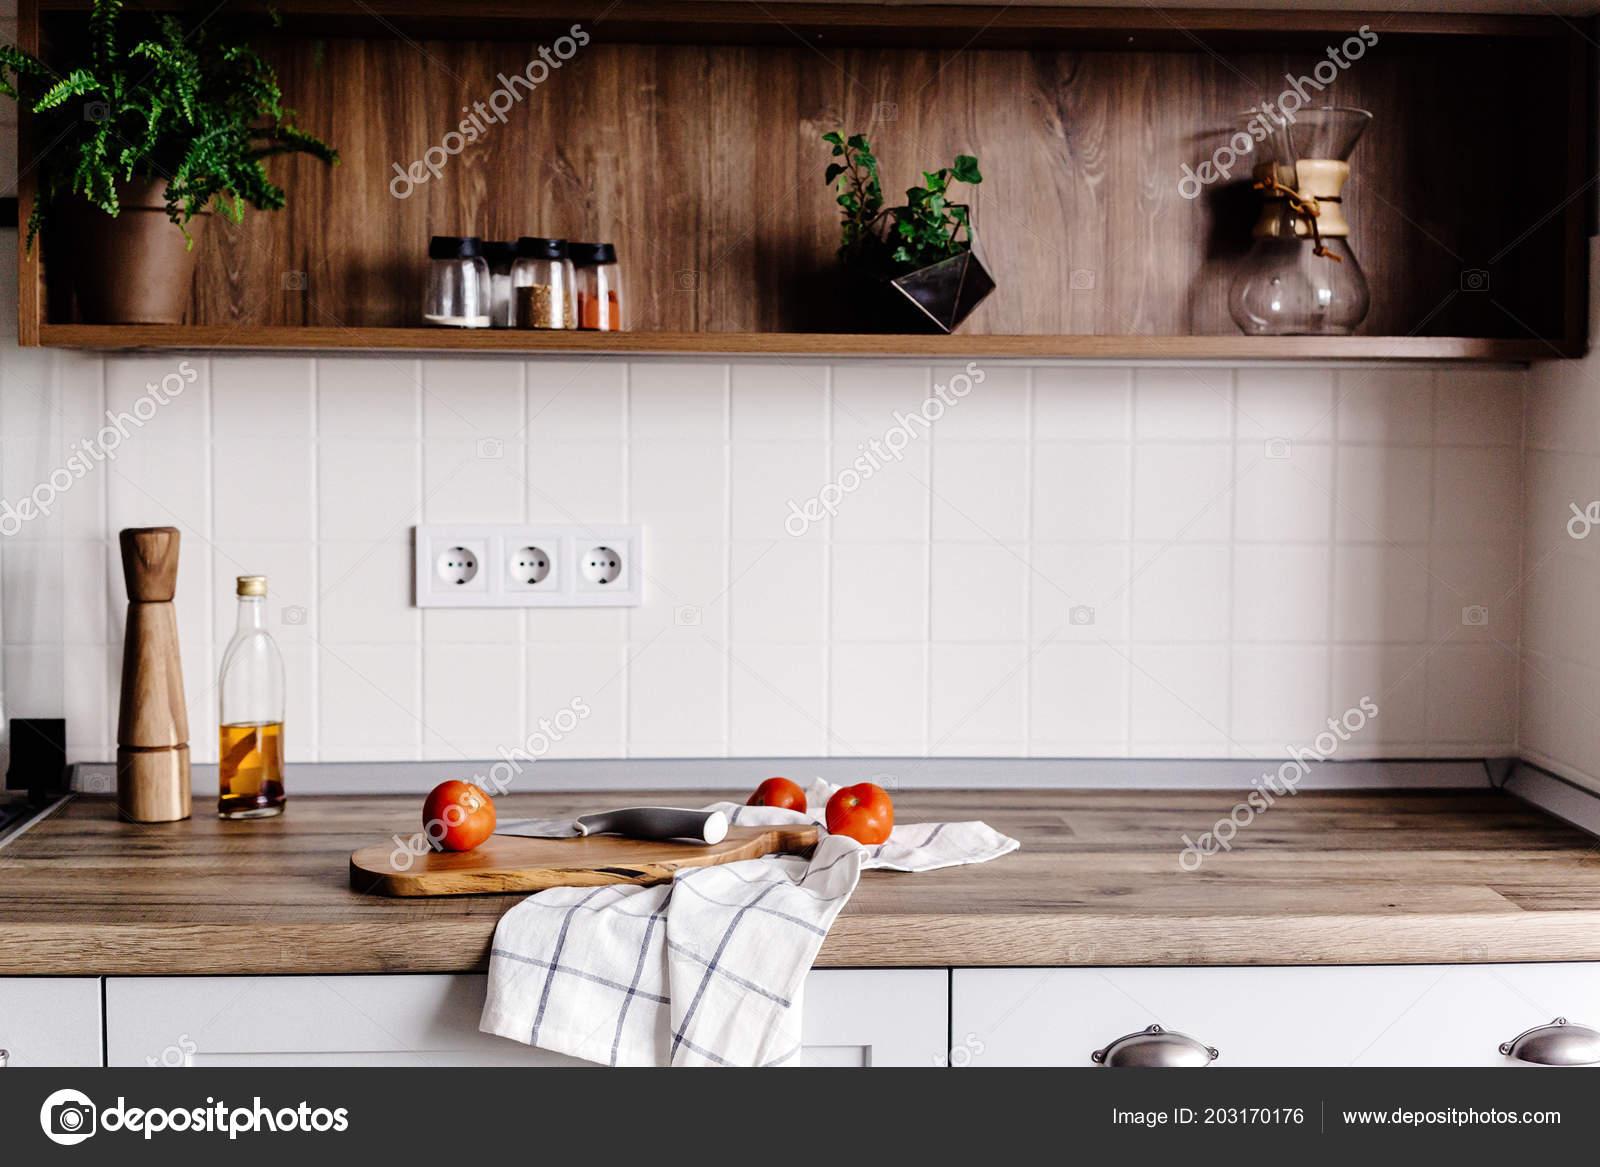 Houten plank met mes olijfolie tomaten handdoek moderne keuken